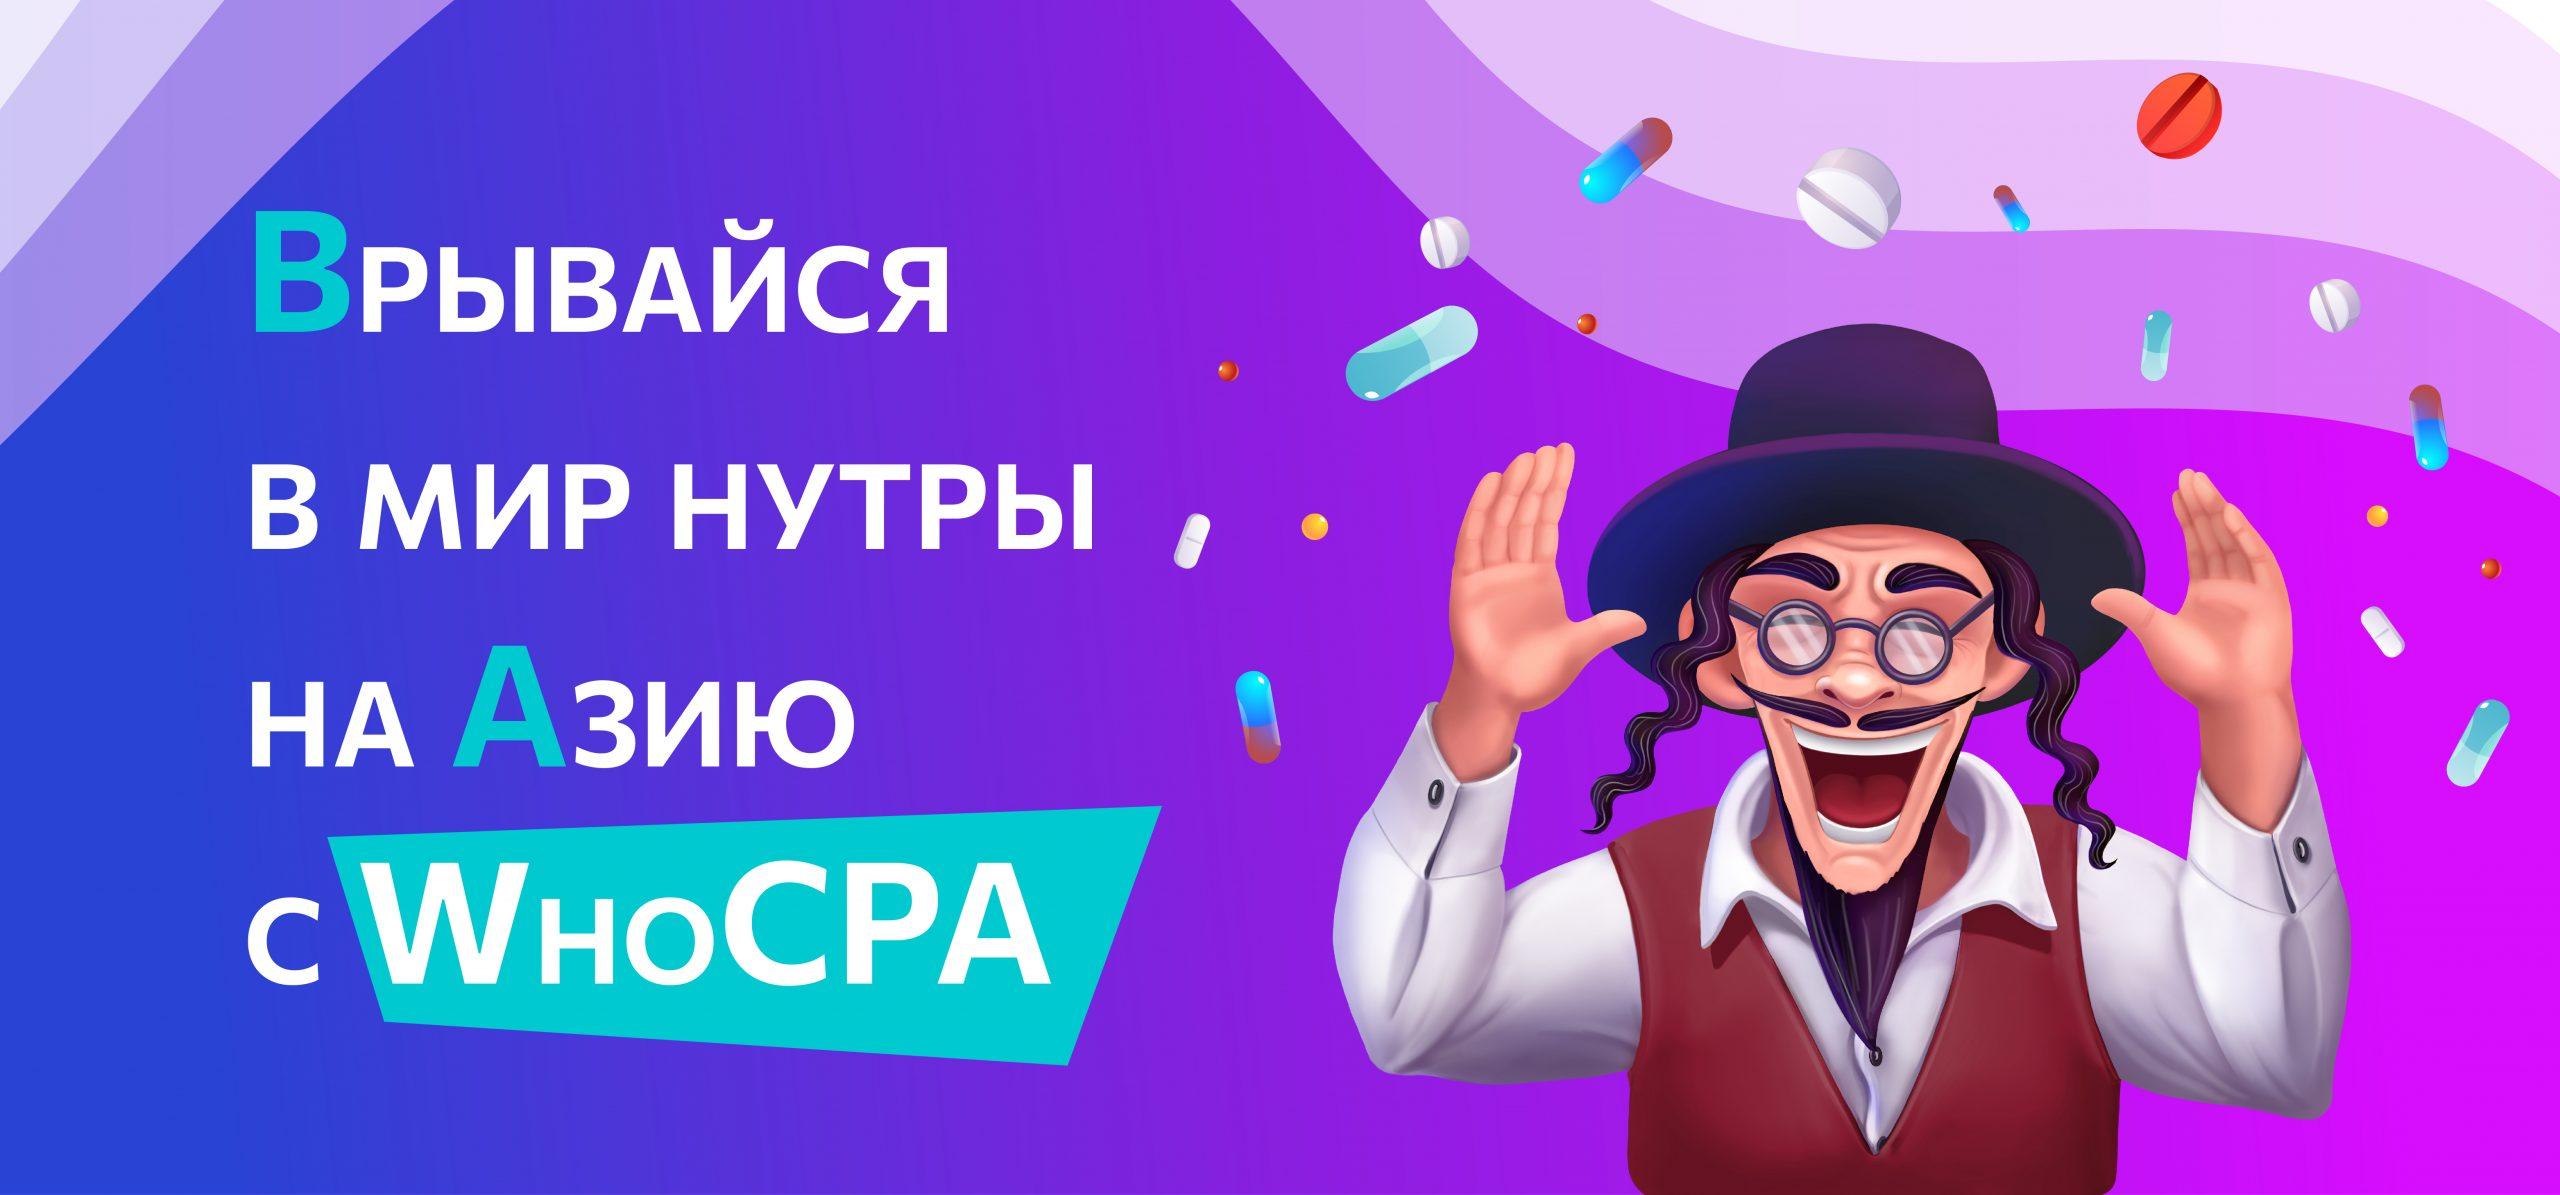 WhoCPA — самый кошерный рекламодатель нутры в Азии